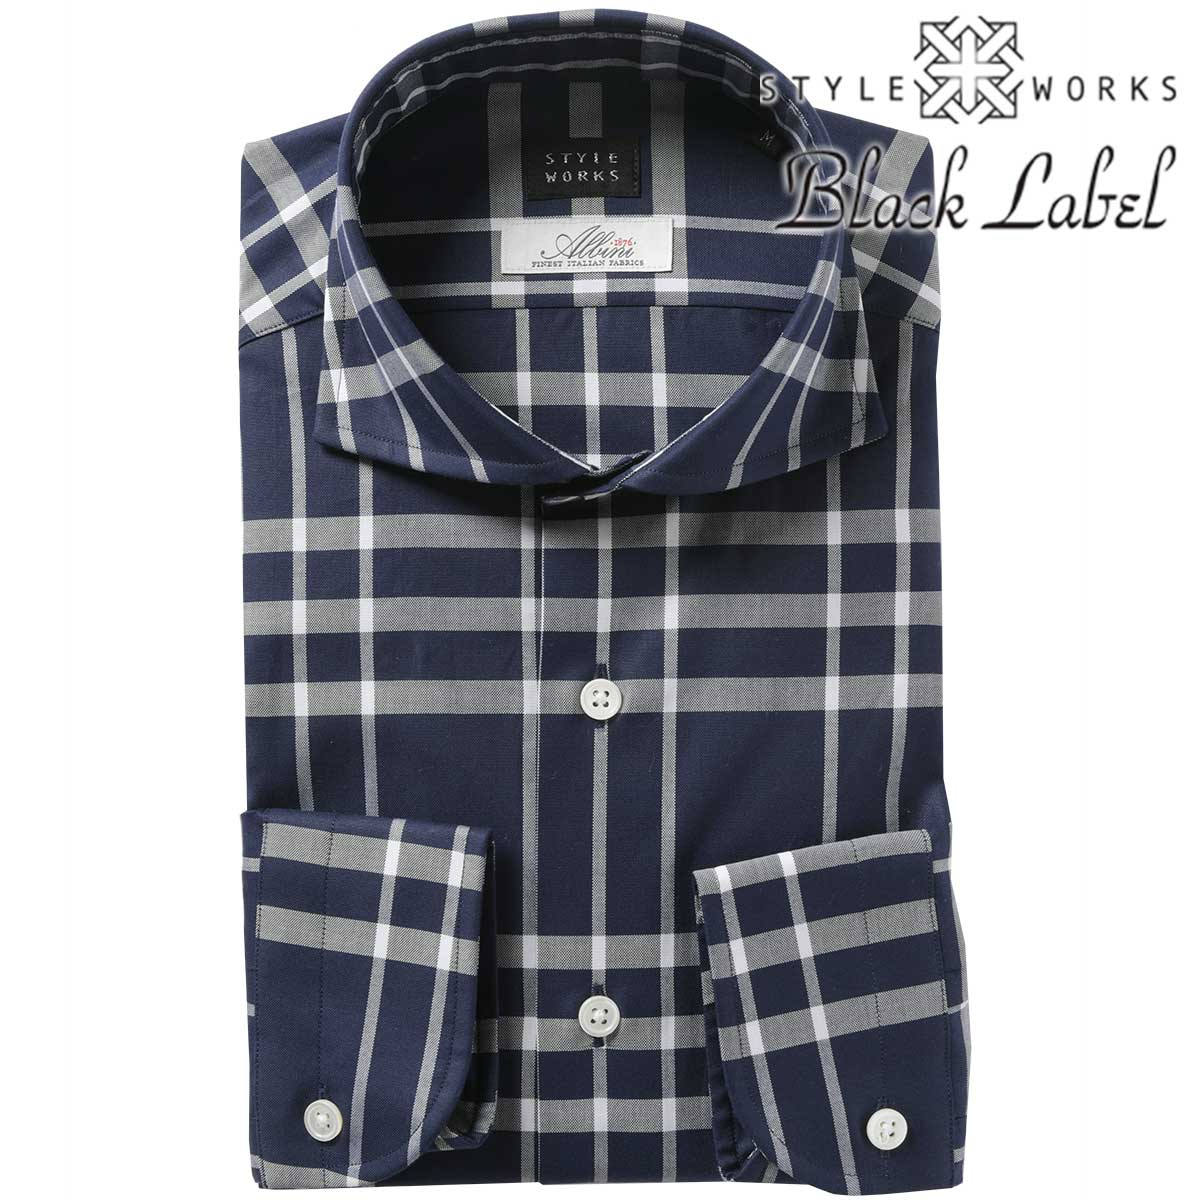 国産 ドレスシャツ ワイシャツ シャツ メンズ カジュアル シャツ カッタウェイワイド オックスフォード ネイビーホワイト ダブルチェック スリム アルビニ